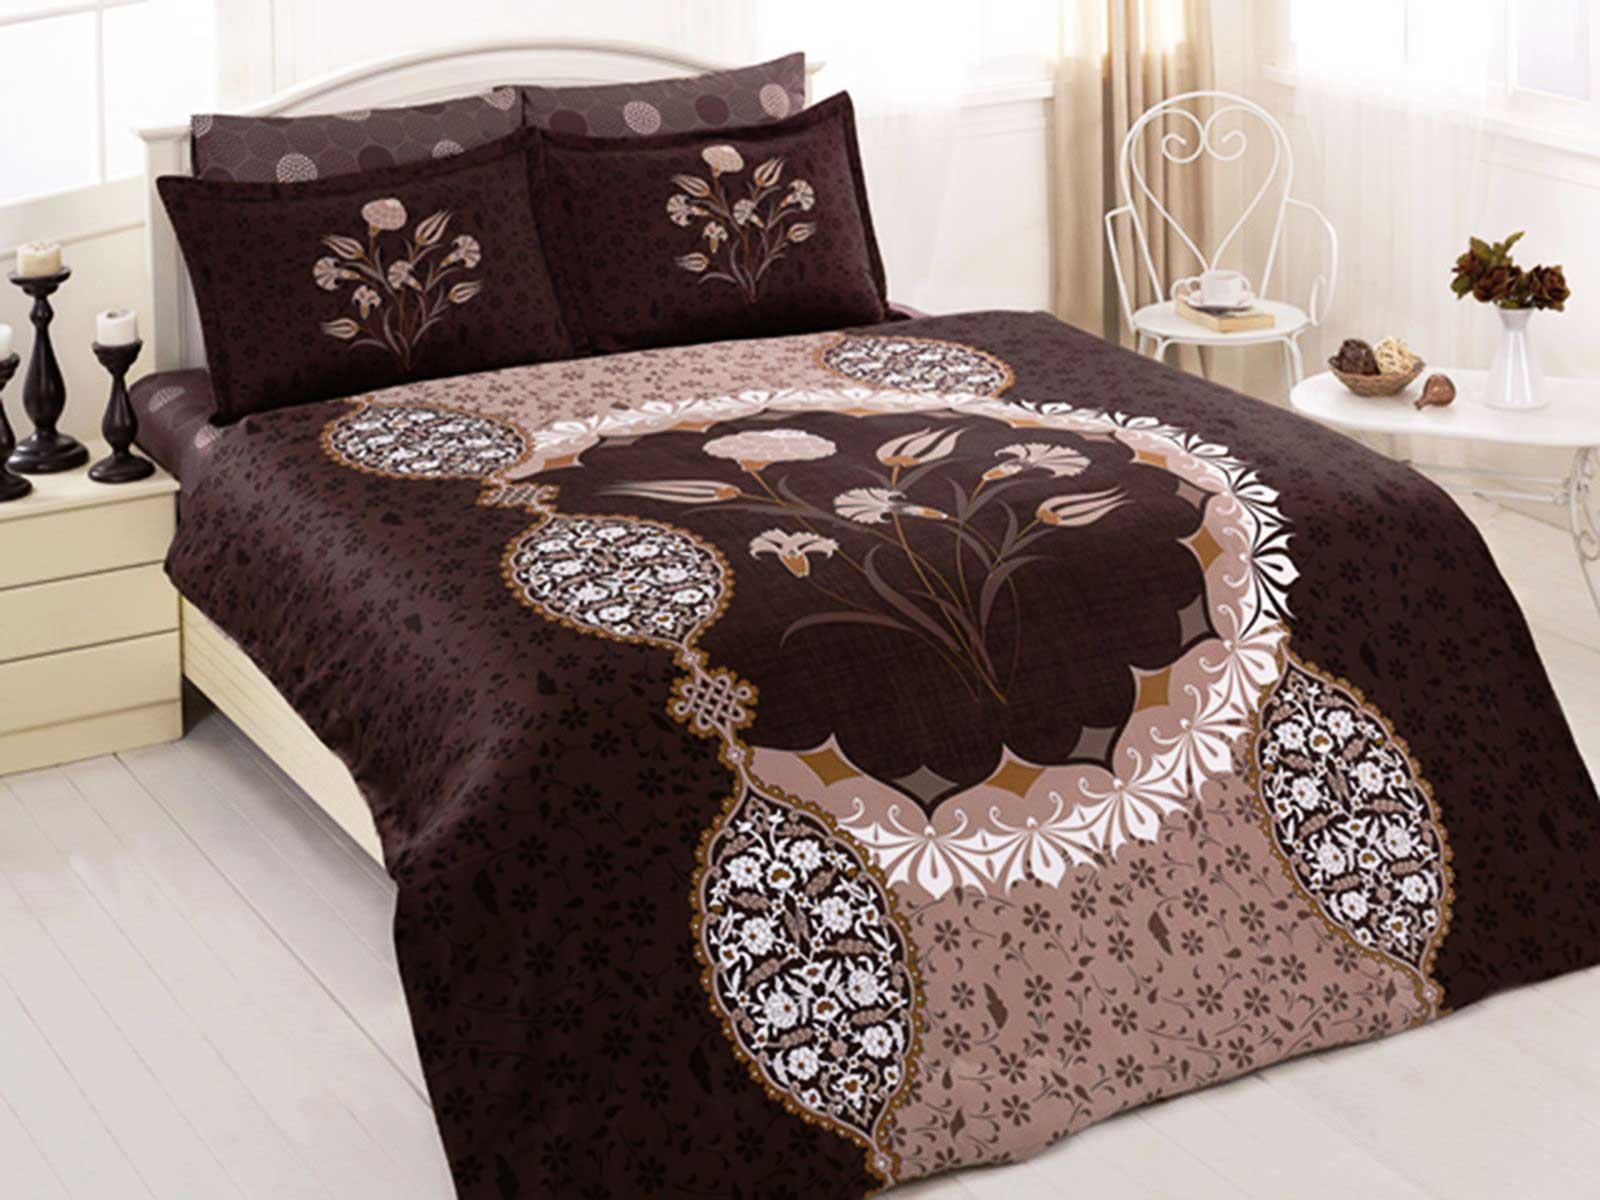 6 tlg mako satin baumwollsatin bettw sche bettgarnitur. Black Bedroom Furniture Sets. Home Design Ideas